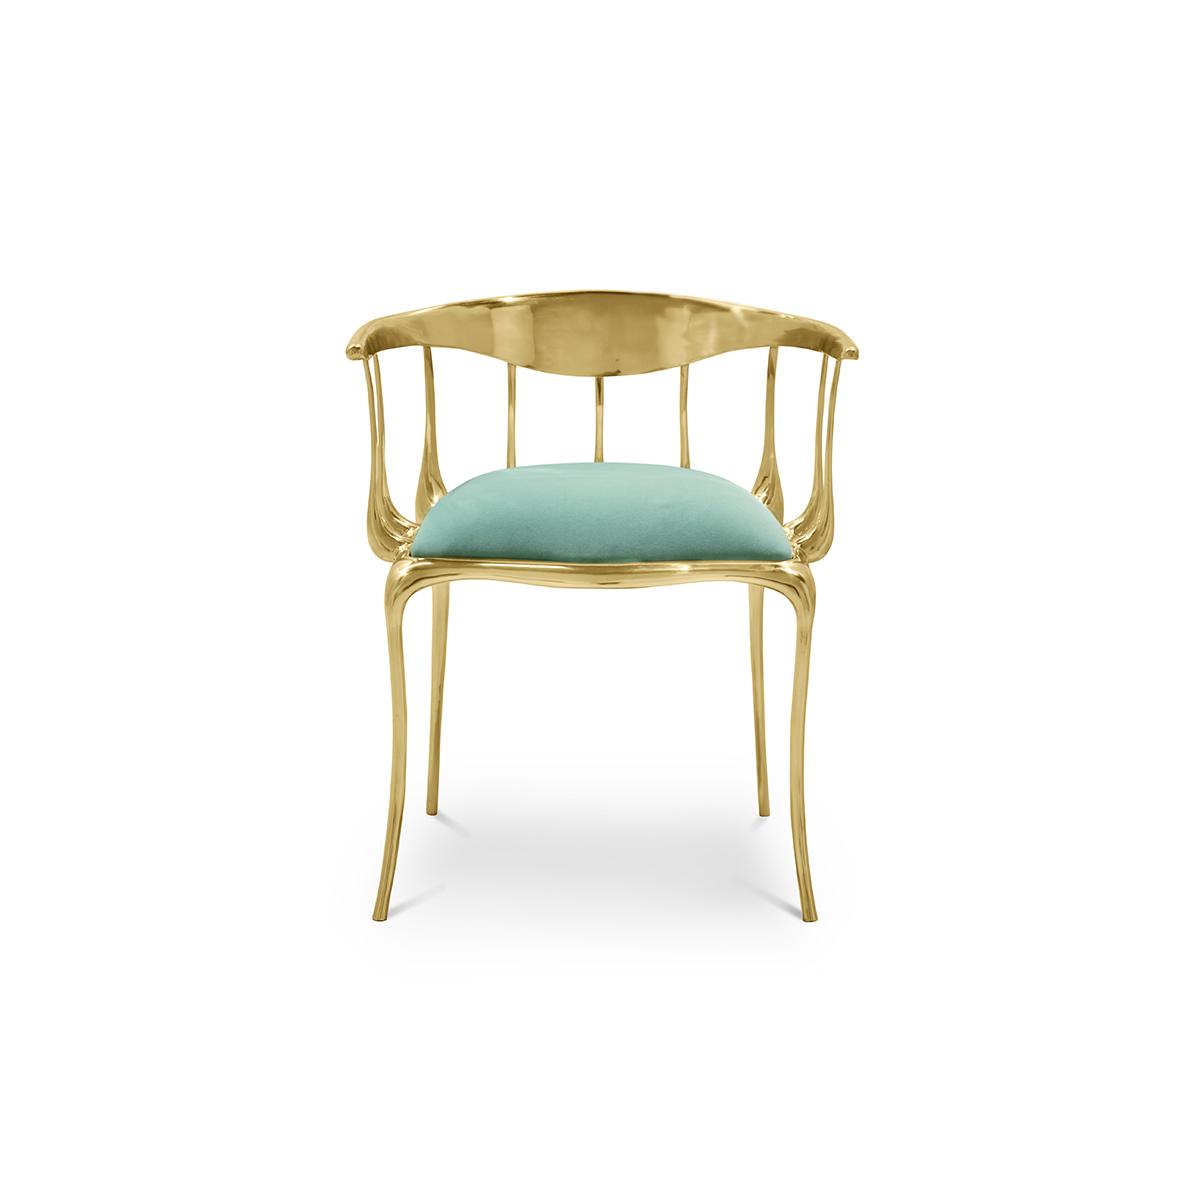 Sillas de Comedor: Piezas poderosas para un proyecto elegante sillas de comedor Sillas de Comedor: Piezas poderosas para un proyecto elegante n11 dining chair boca do lobo 01